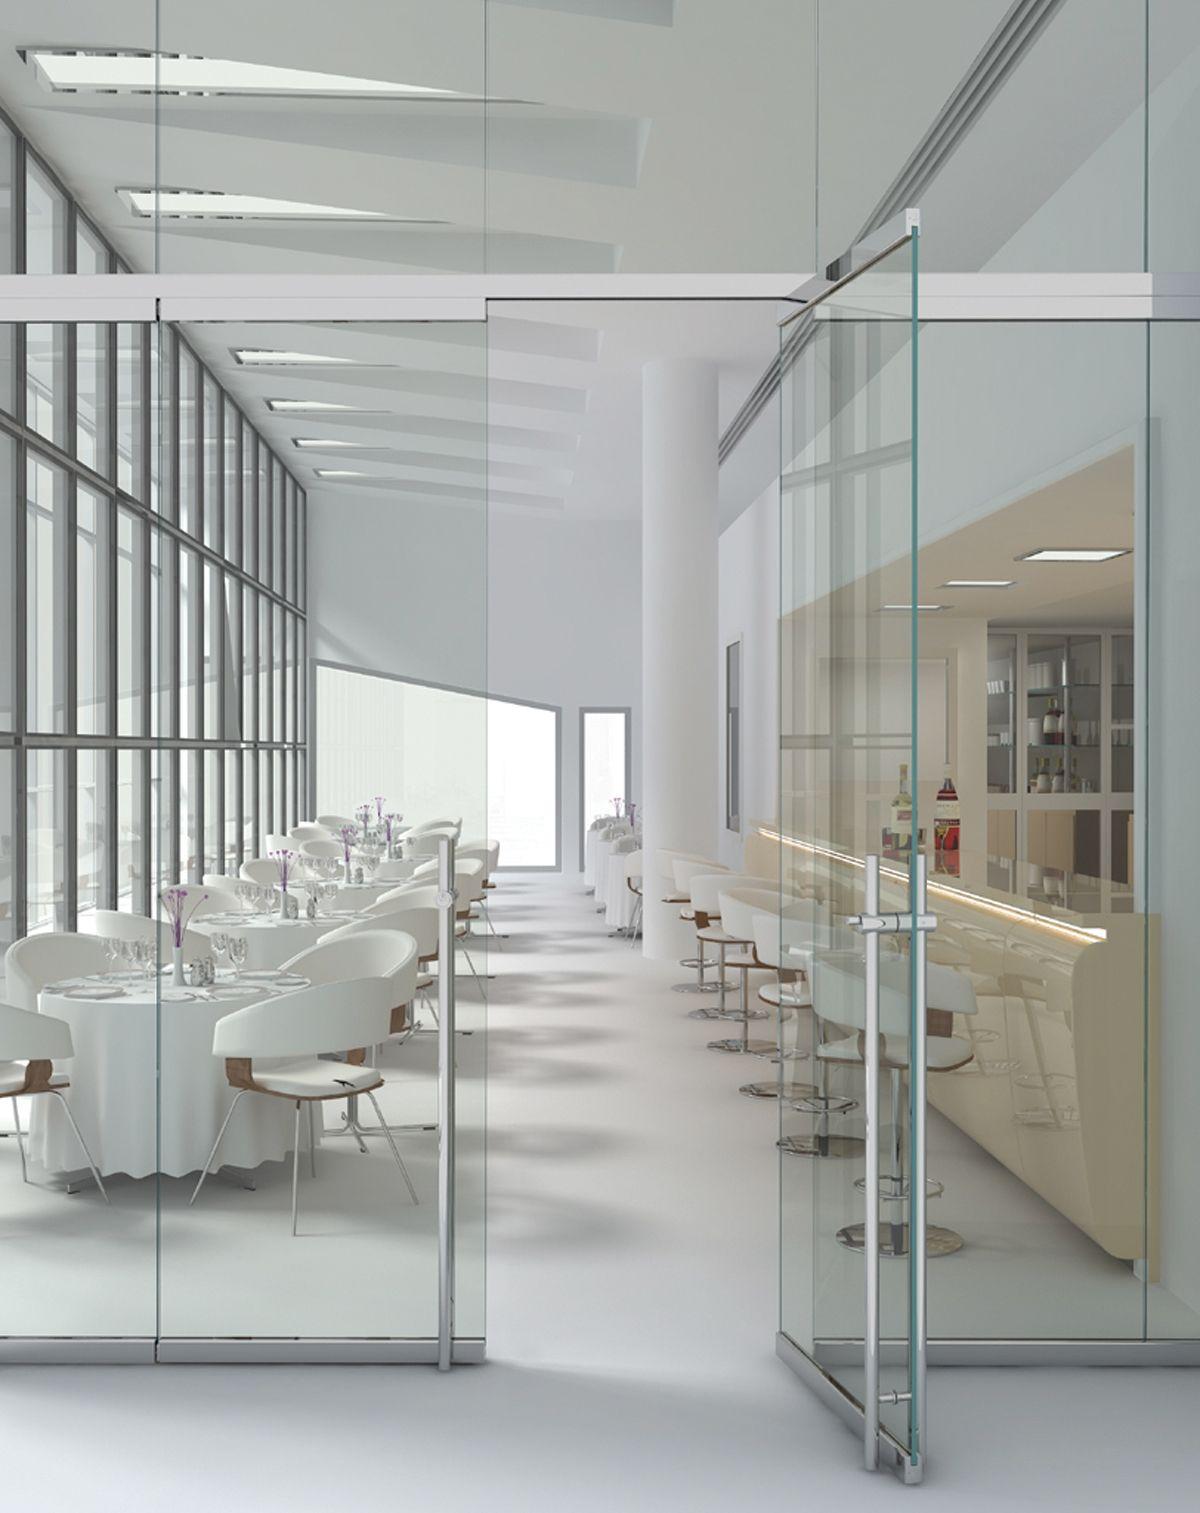 Frameless glass wall details - Frameless Glass Door Details Google Search